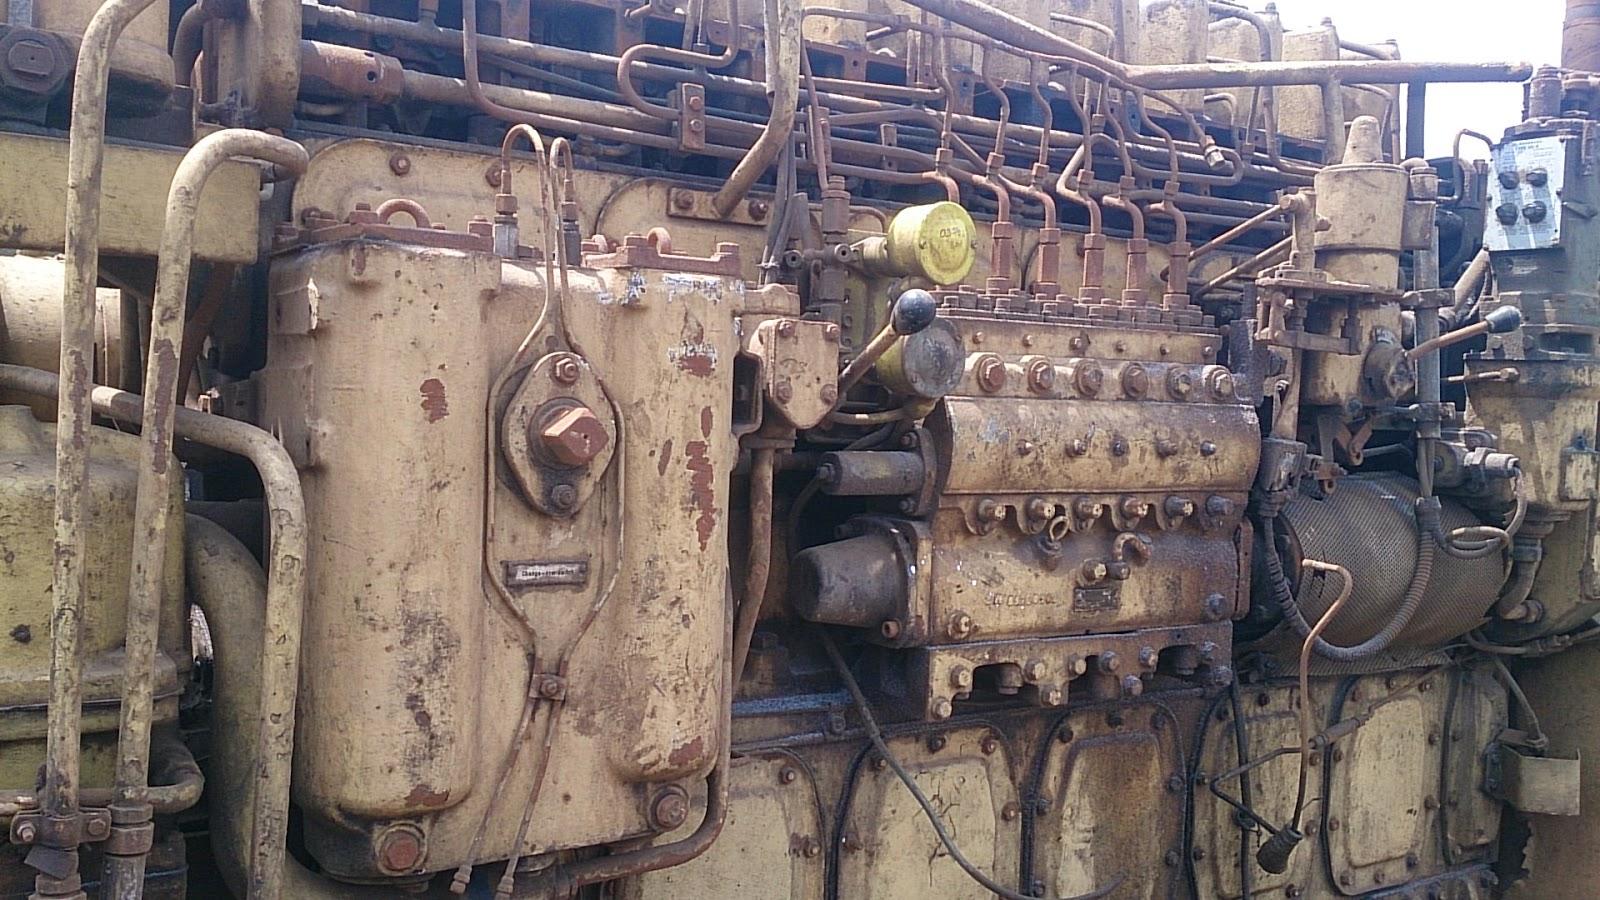 SKL Engine spare parts for sale